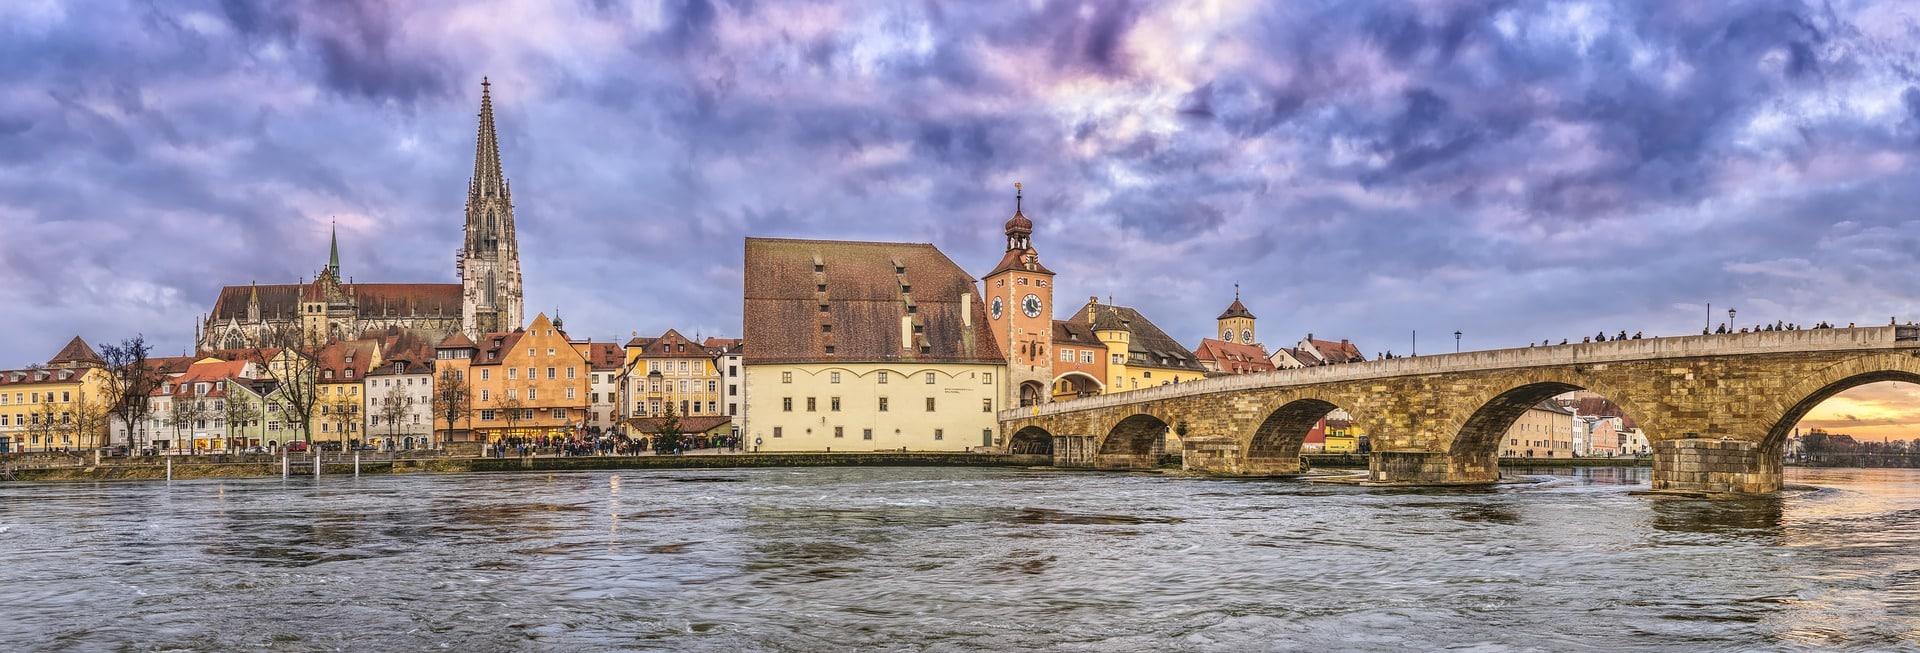 Panorámica de puente y catedral de Regensburg